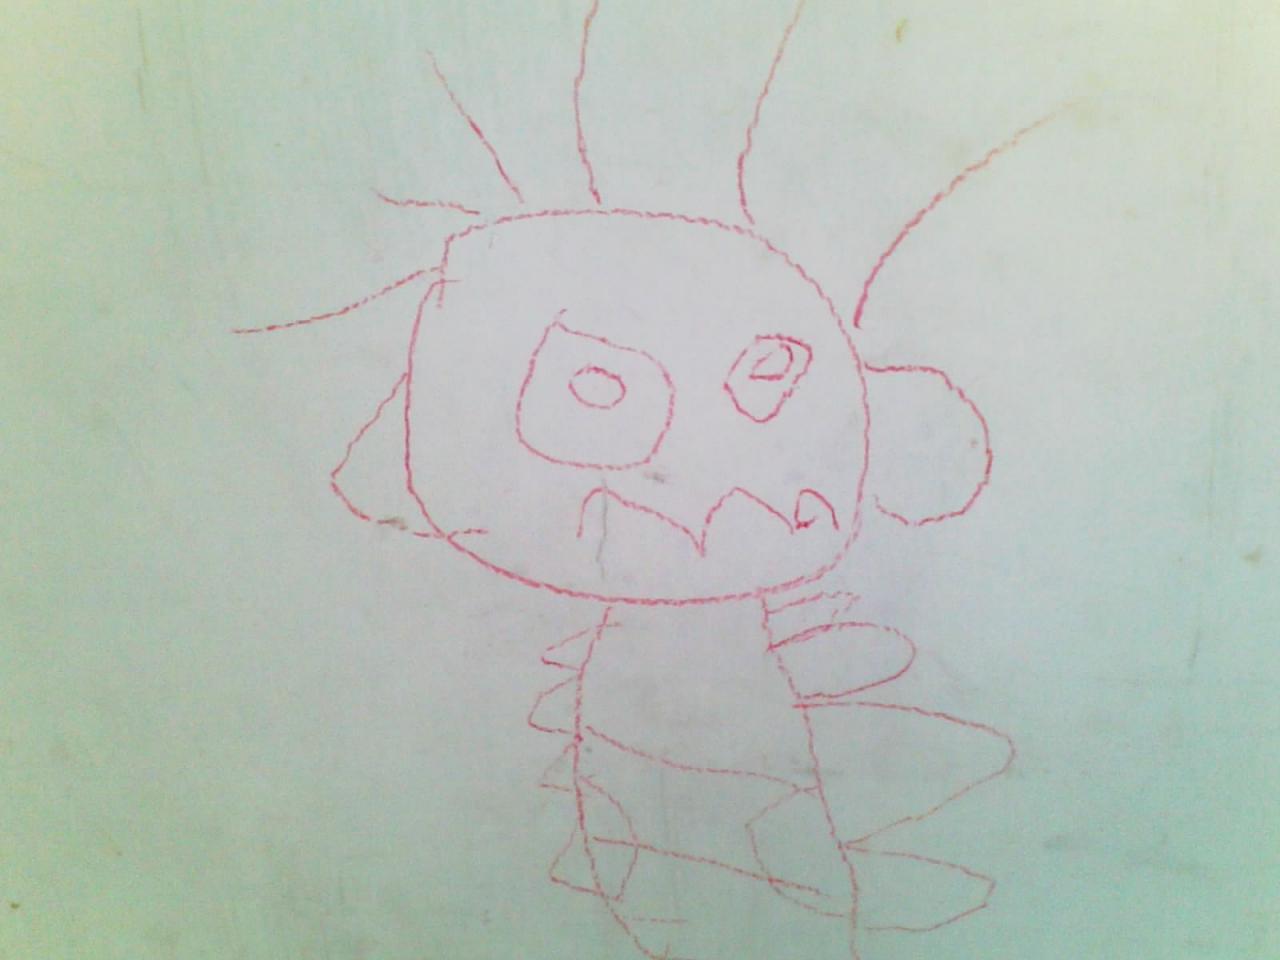 这个学期我们特地在幼儿园给他报名学画画,就当是培养兴趣吧!